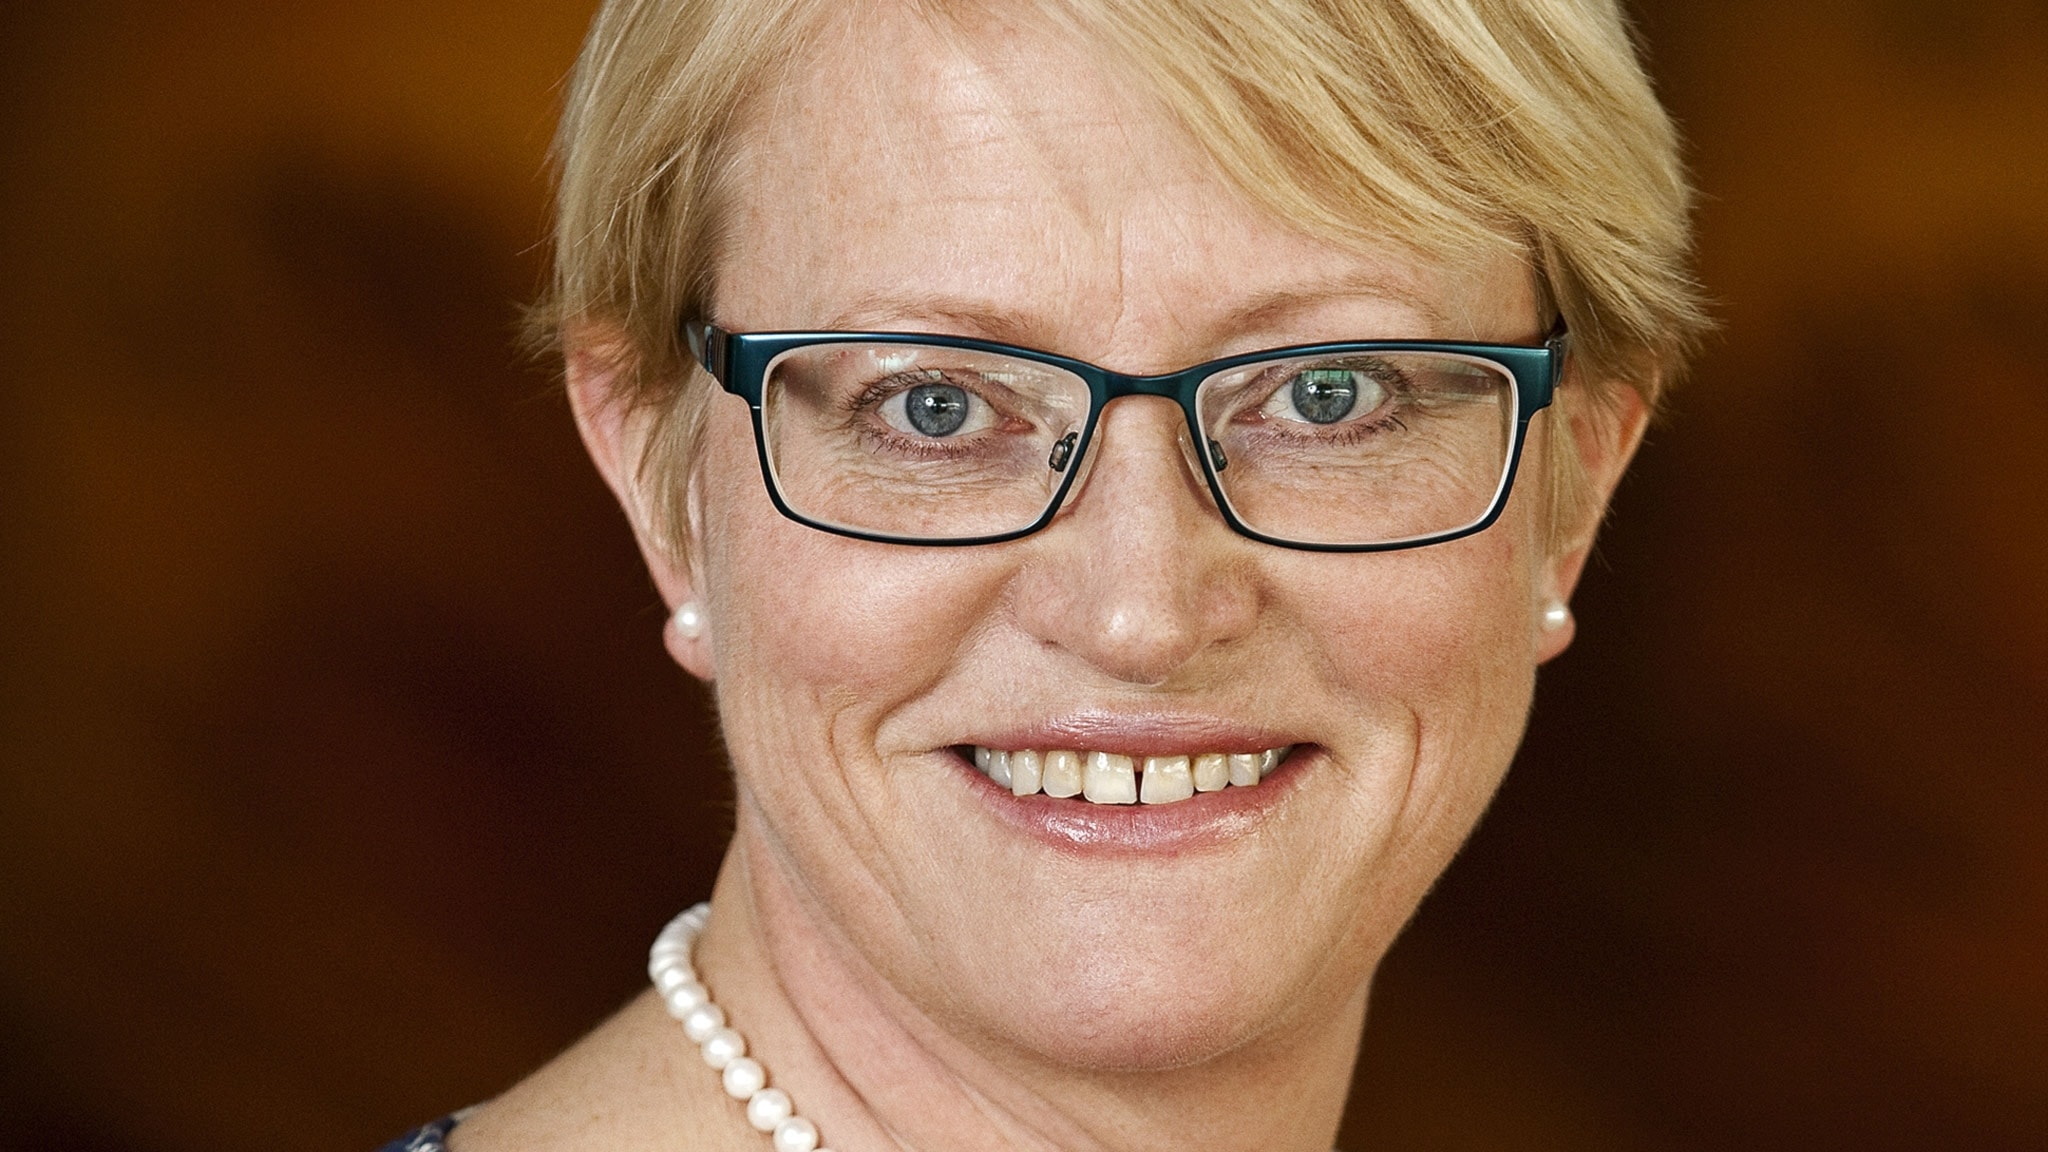 Ing-Marie Wieselgren - Sverige är på riktigt